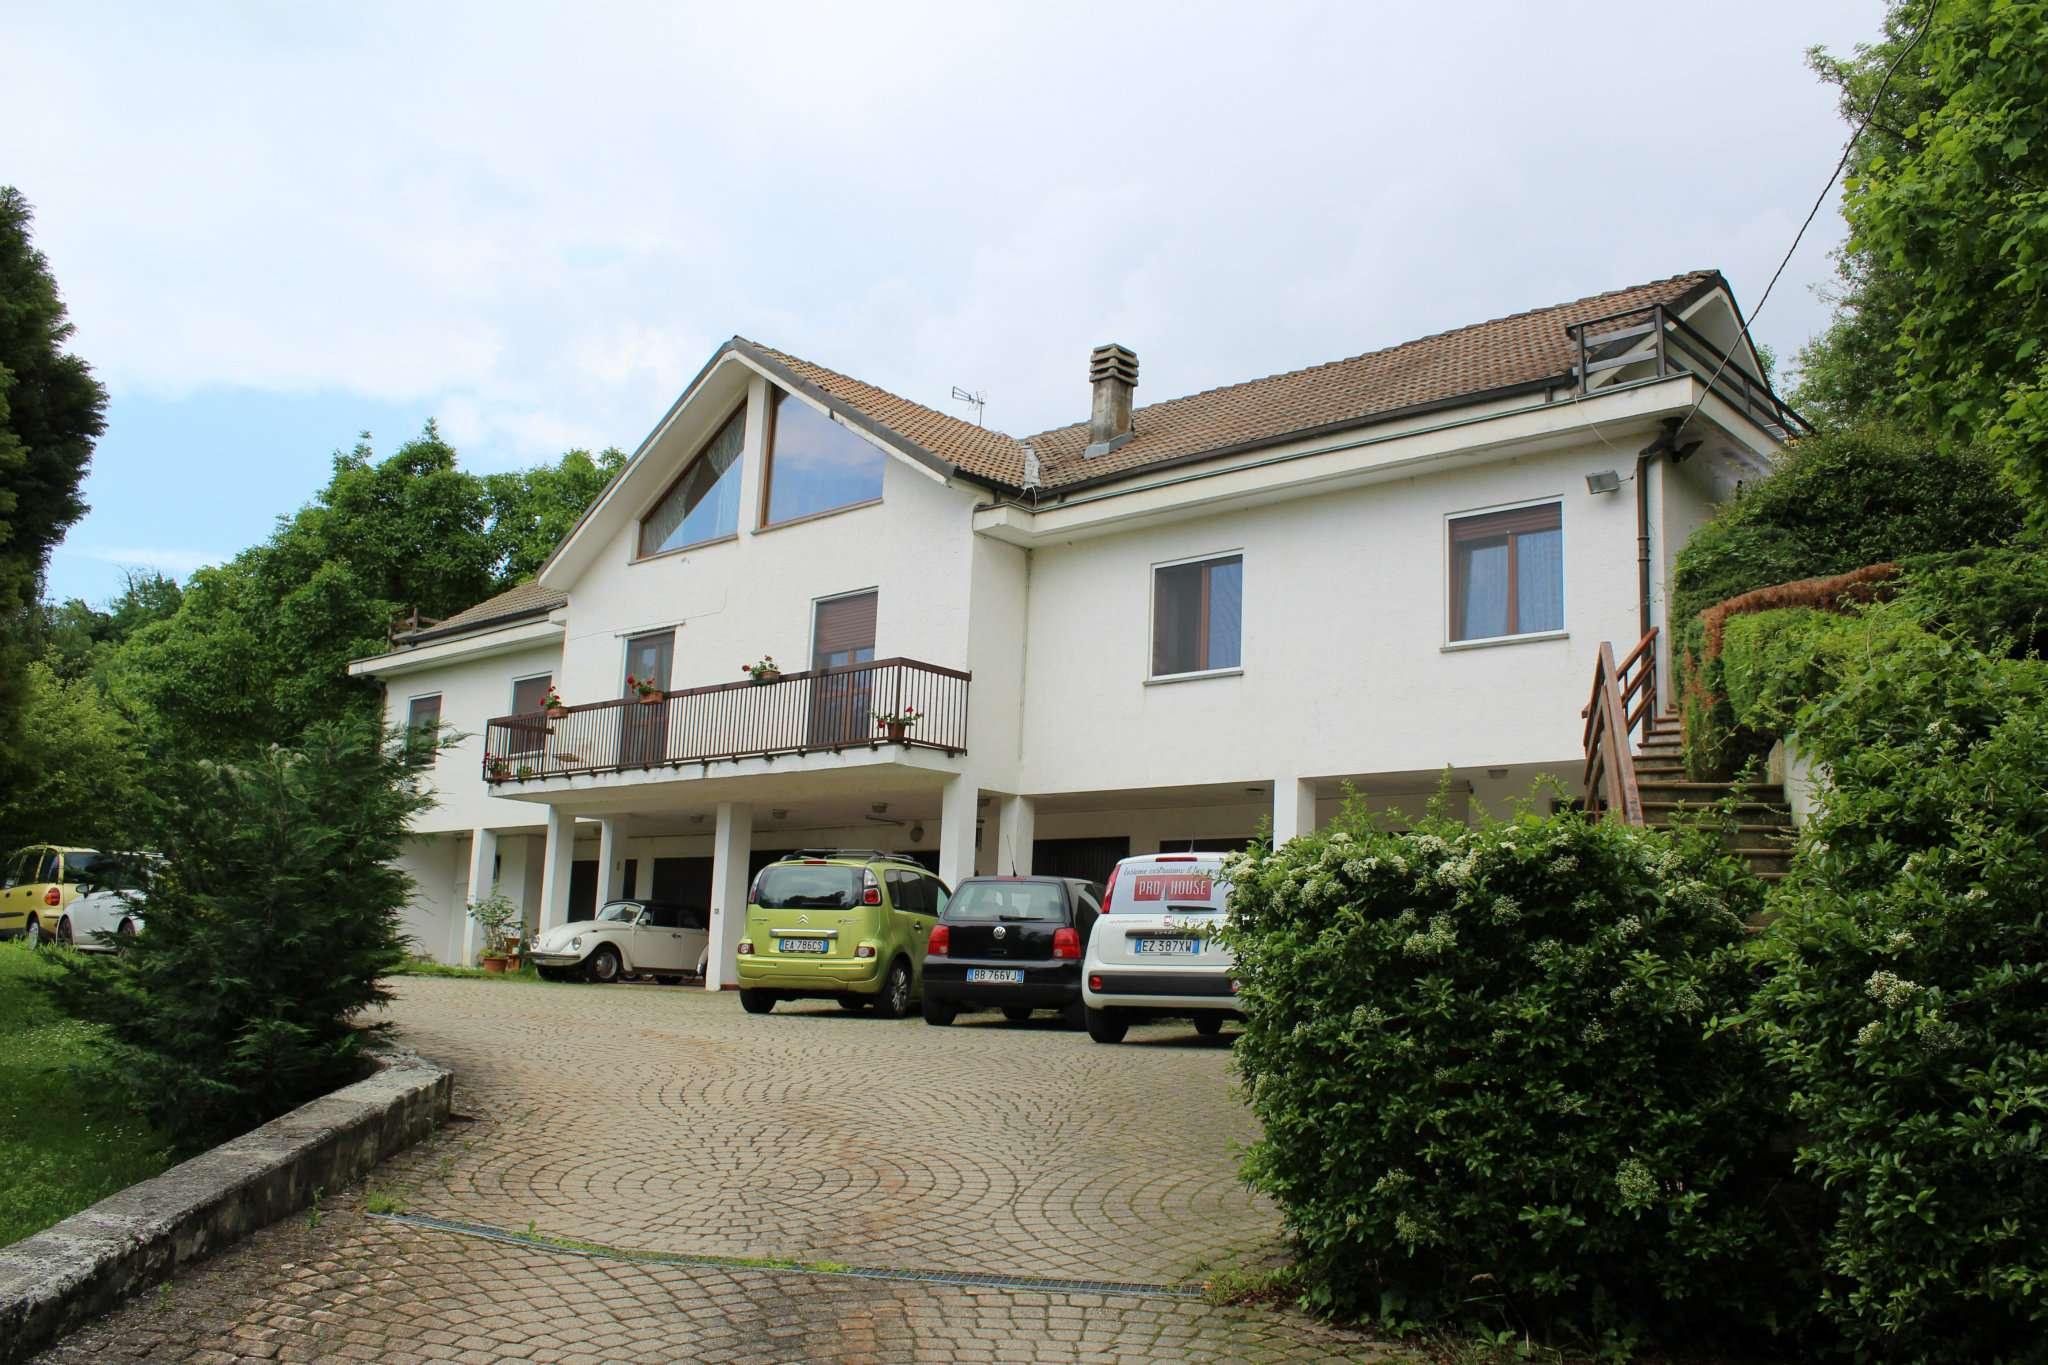 Villa Tri-Quadrifamiliare in vendita a San Raffaele Cimena, 15 locali, prezzo € 379.000 | CambioCasa.it